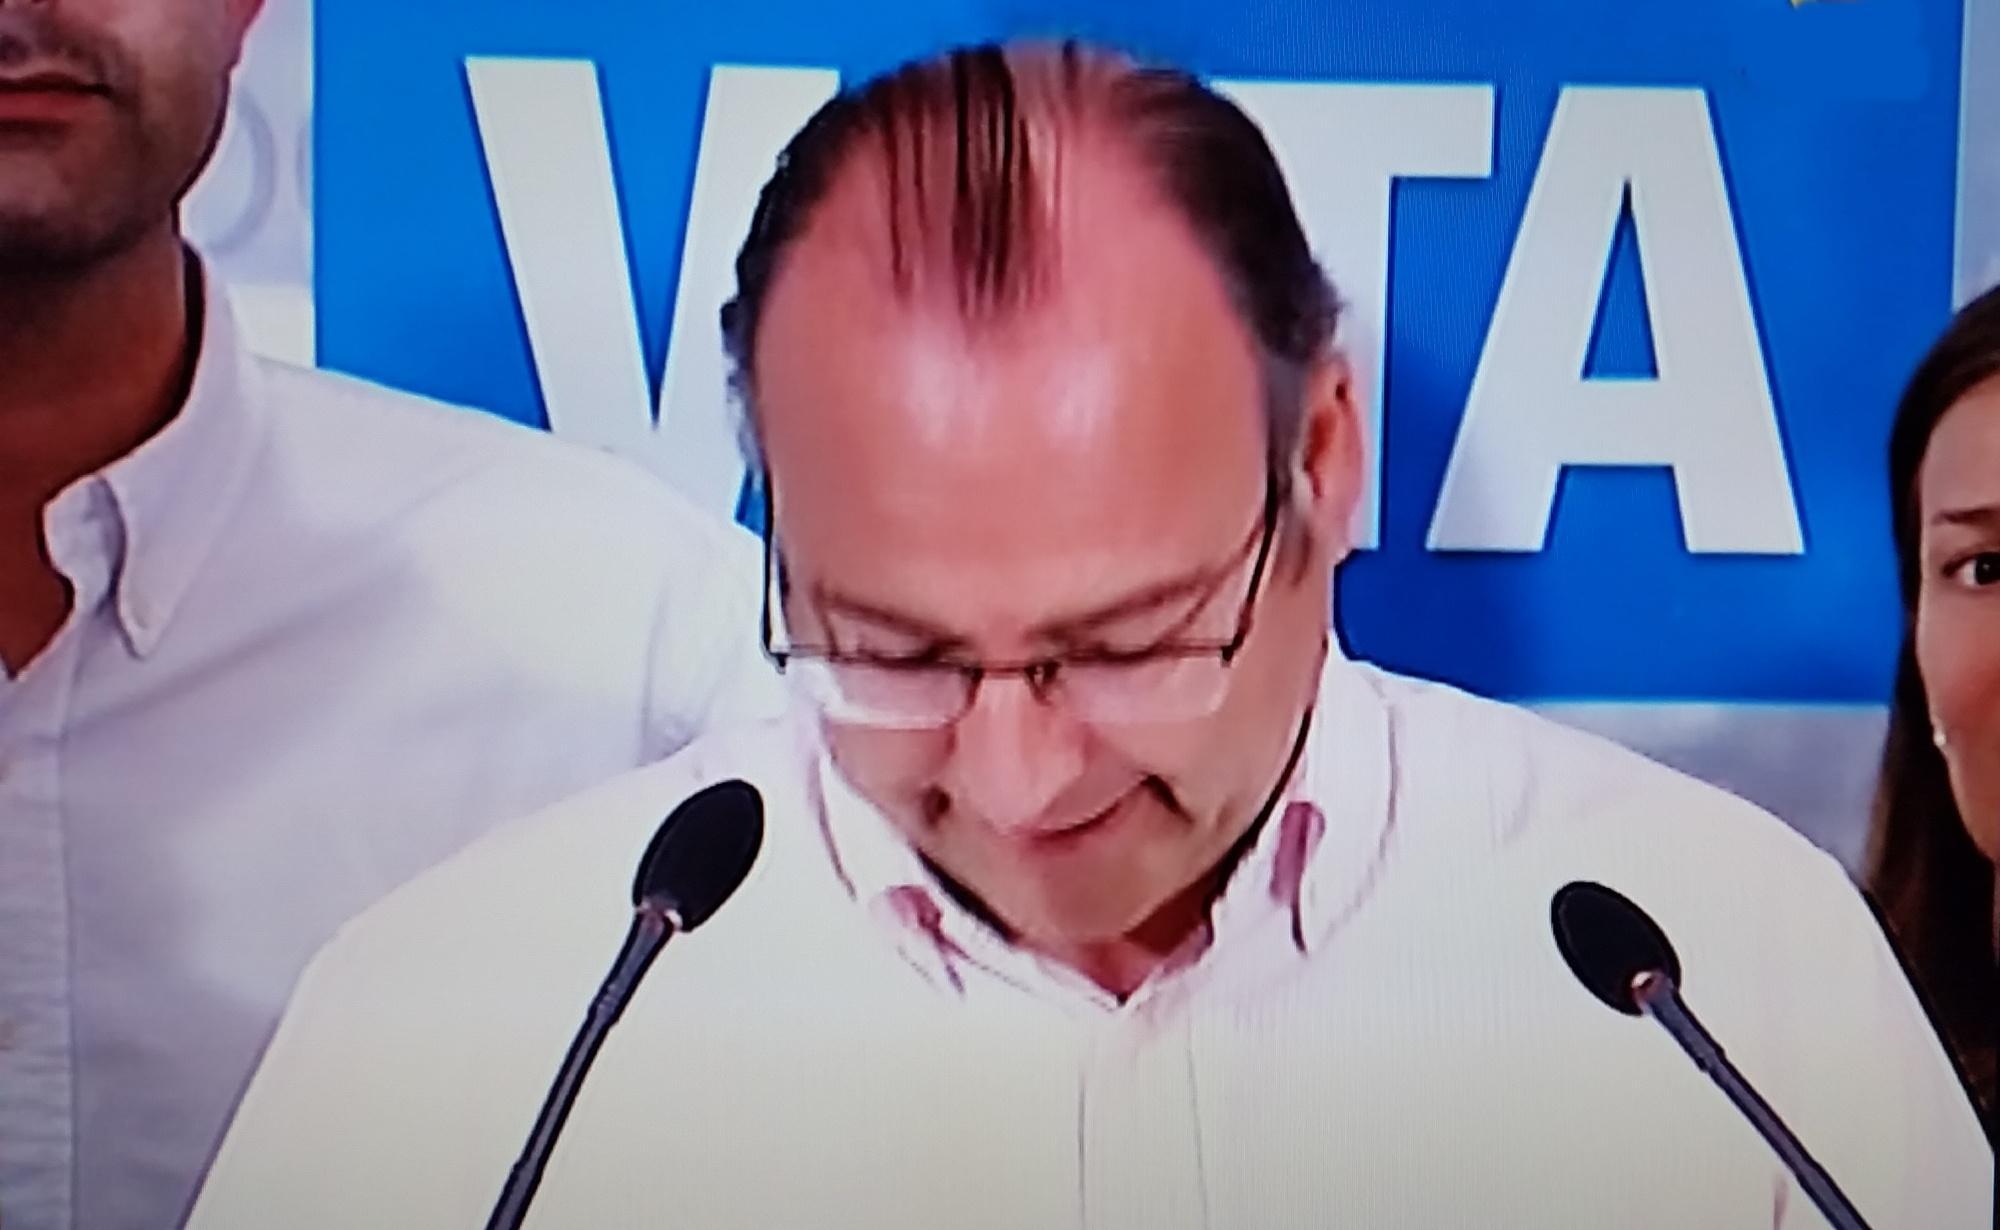 Luis Rogelio destaca que es el más votado en la capital y se muestra abierto al pacto y al diálogo